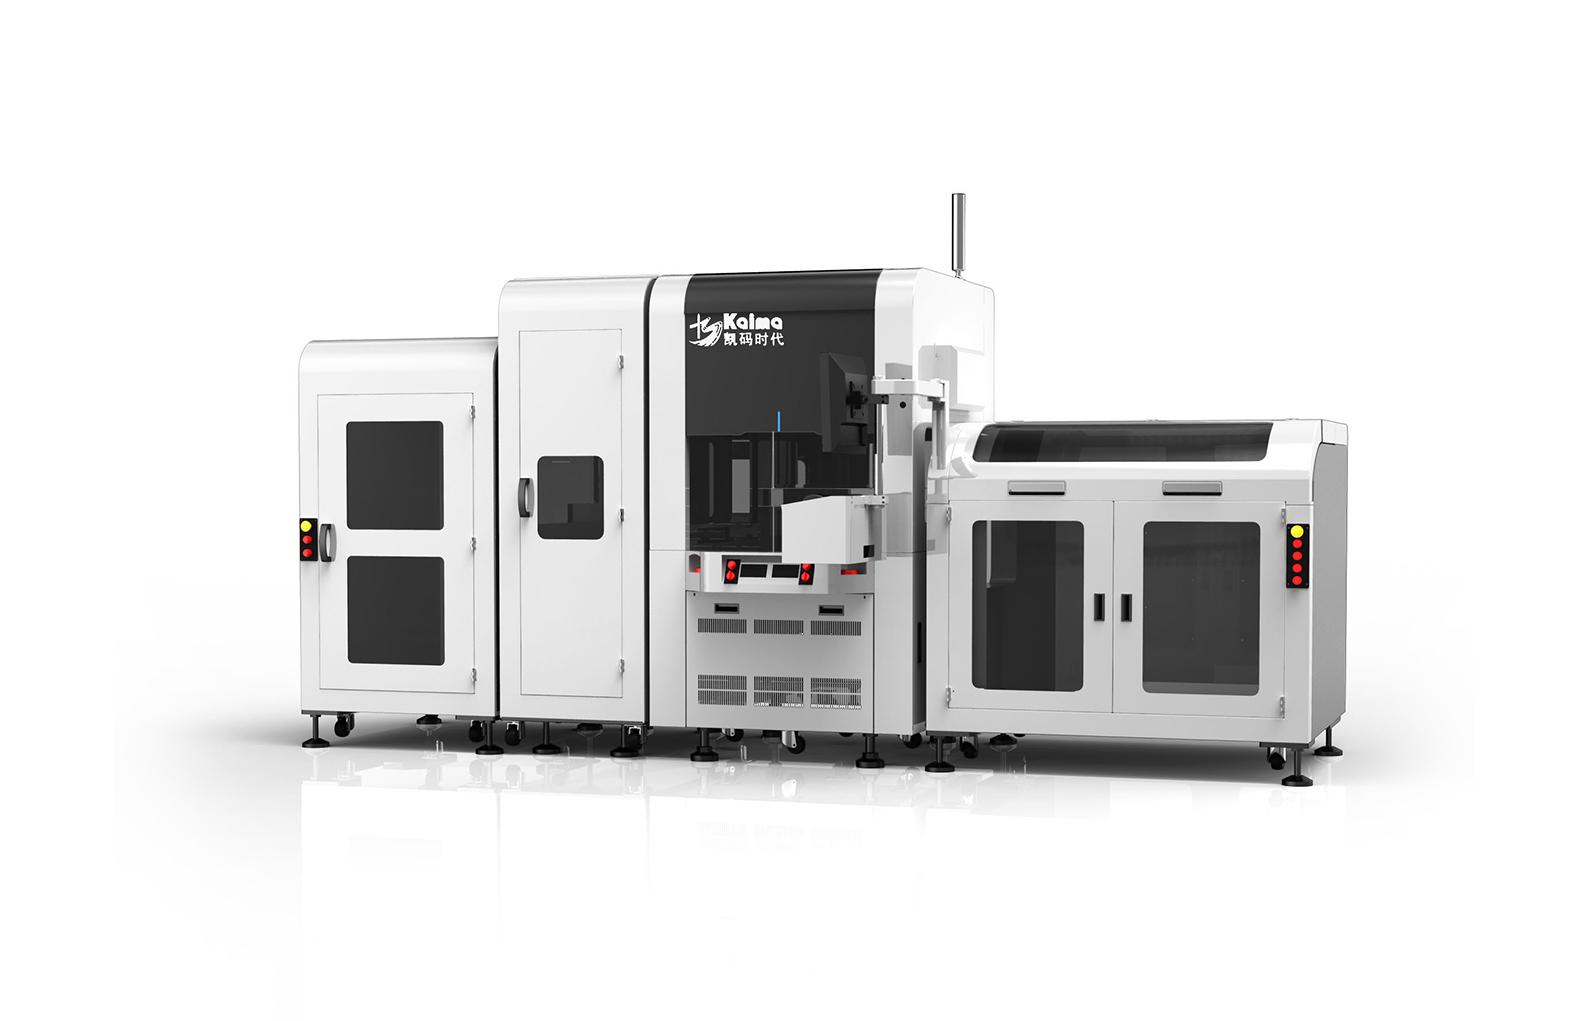 检测设备工业设计,测试设备外观设计,机械设计公司